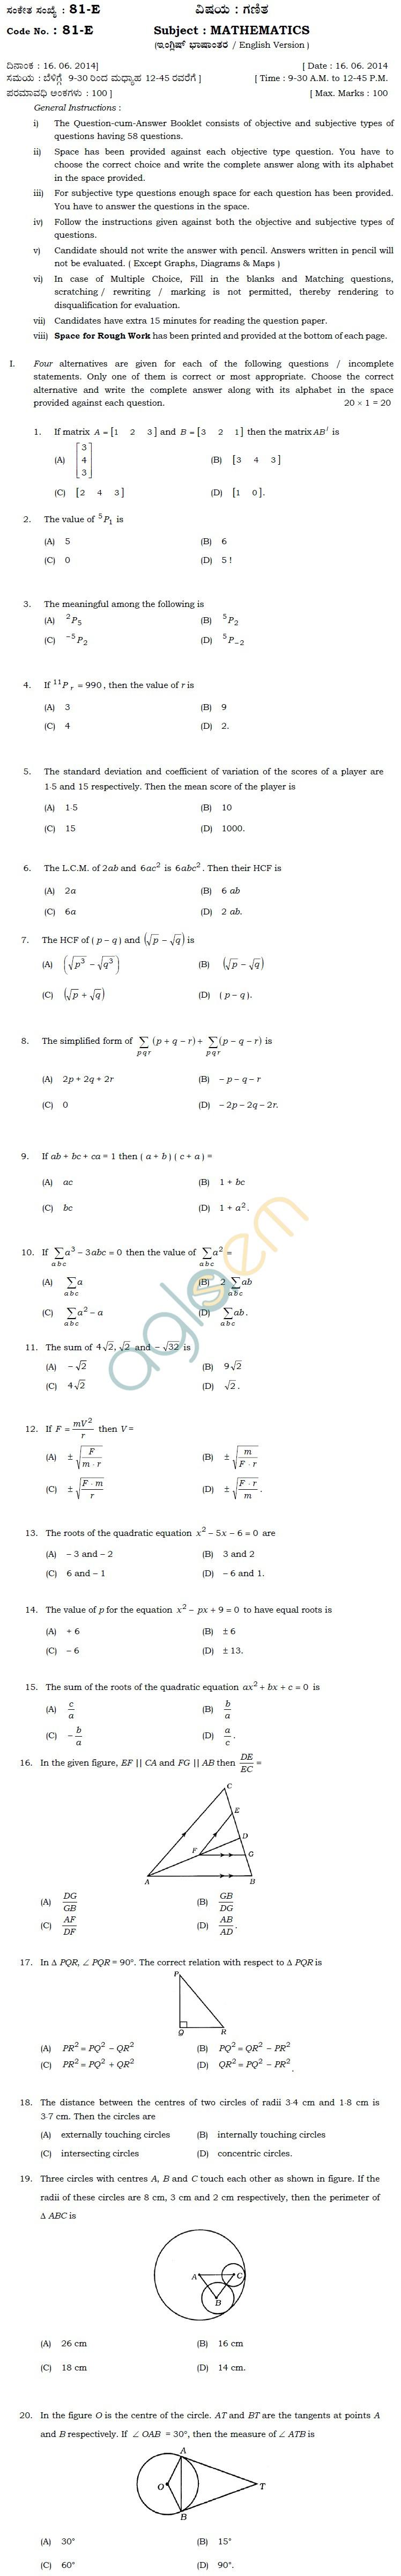 Karnataka SSLC Solved Question Paper June 2014 - Maths